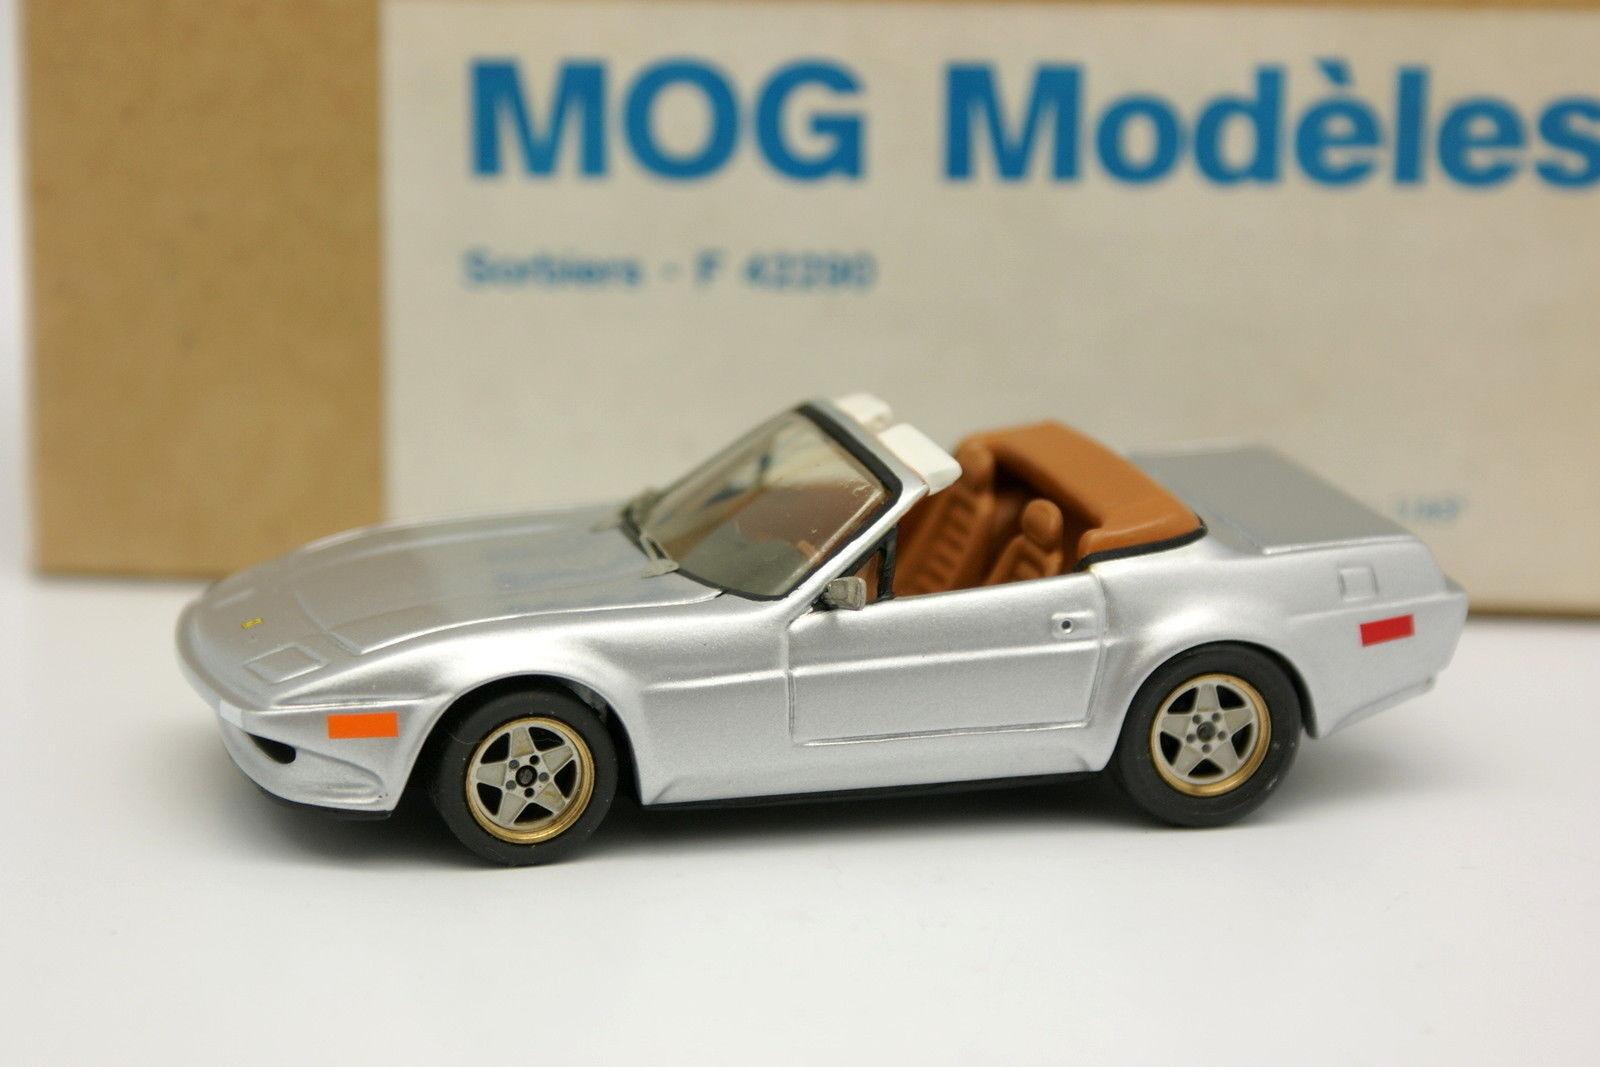 Mog Modelle Set Aufgebaut 1 43 - Ferrari 365 Gtb 4 Nart Michelotti Torino 1980